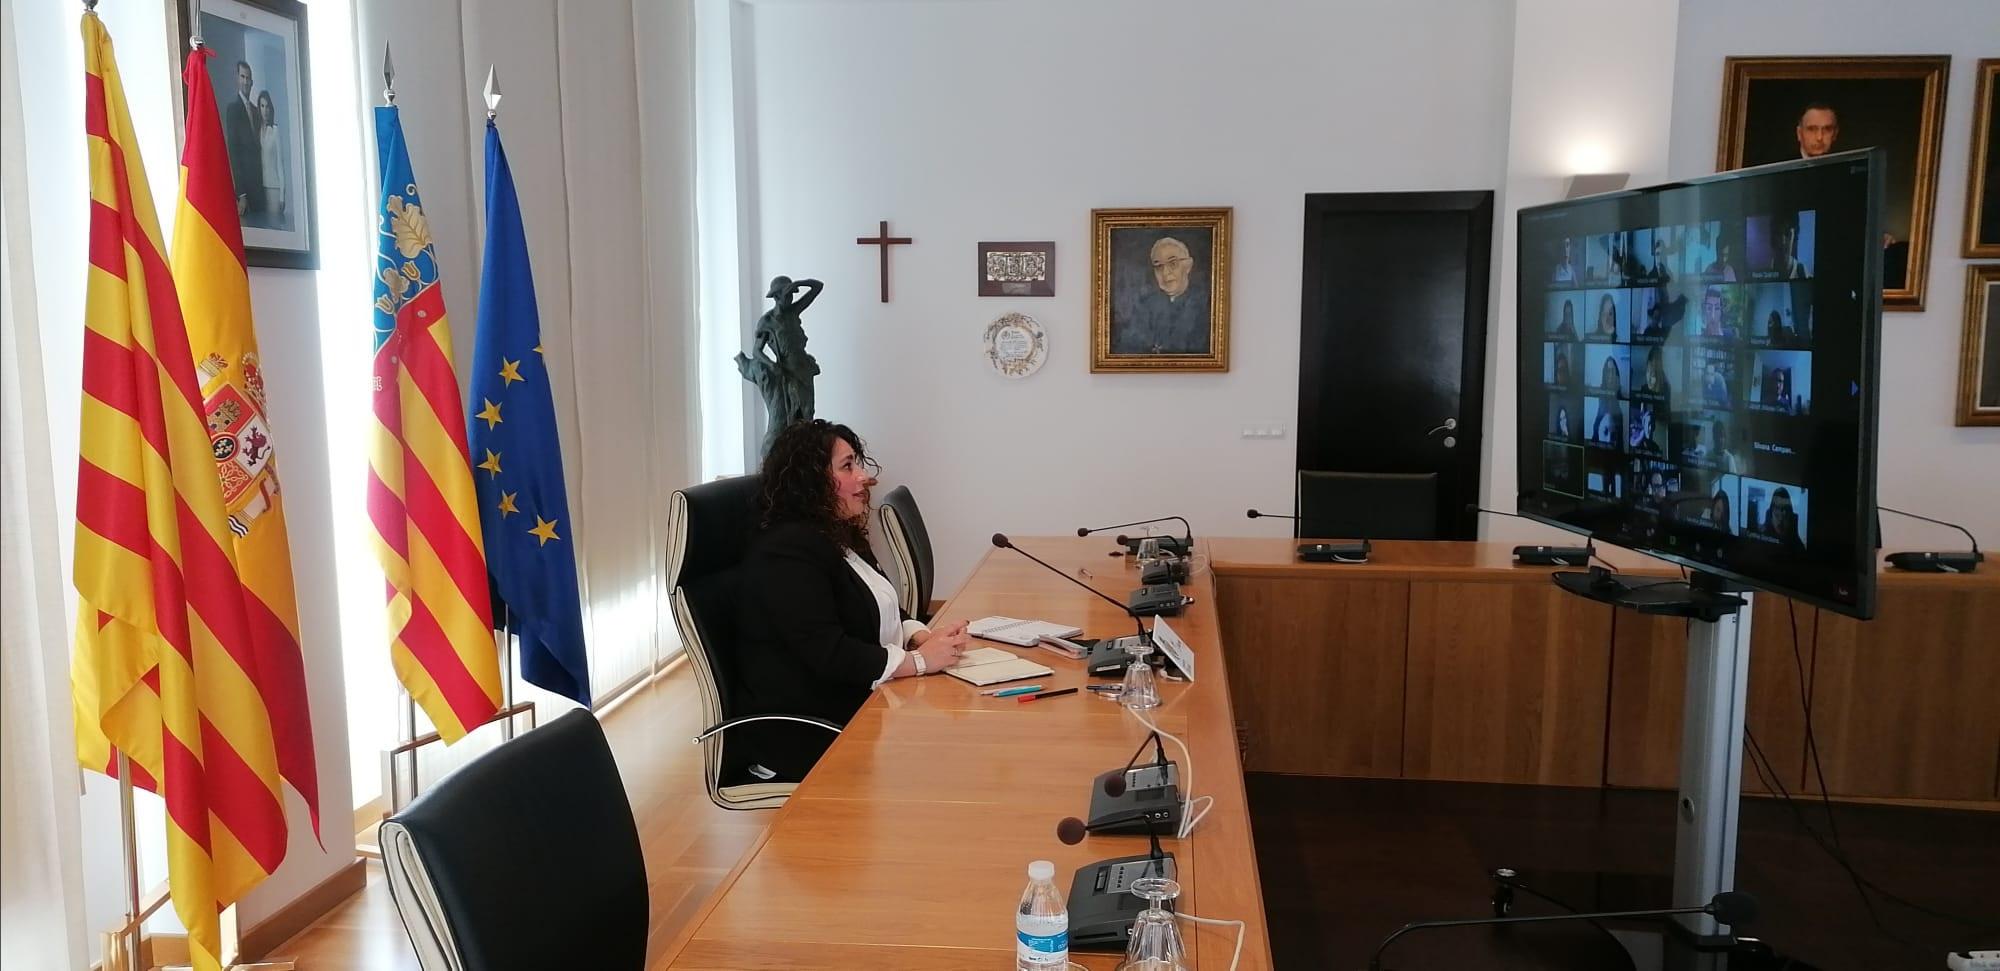 Vila-real profundiza en el uso de recursos telemáticos para promover la participación del Consejo de Niños y Niñas